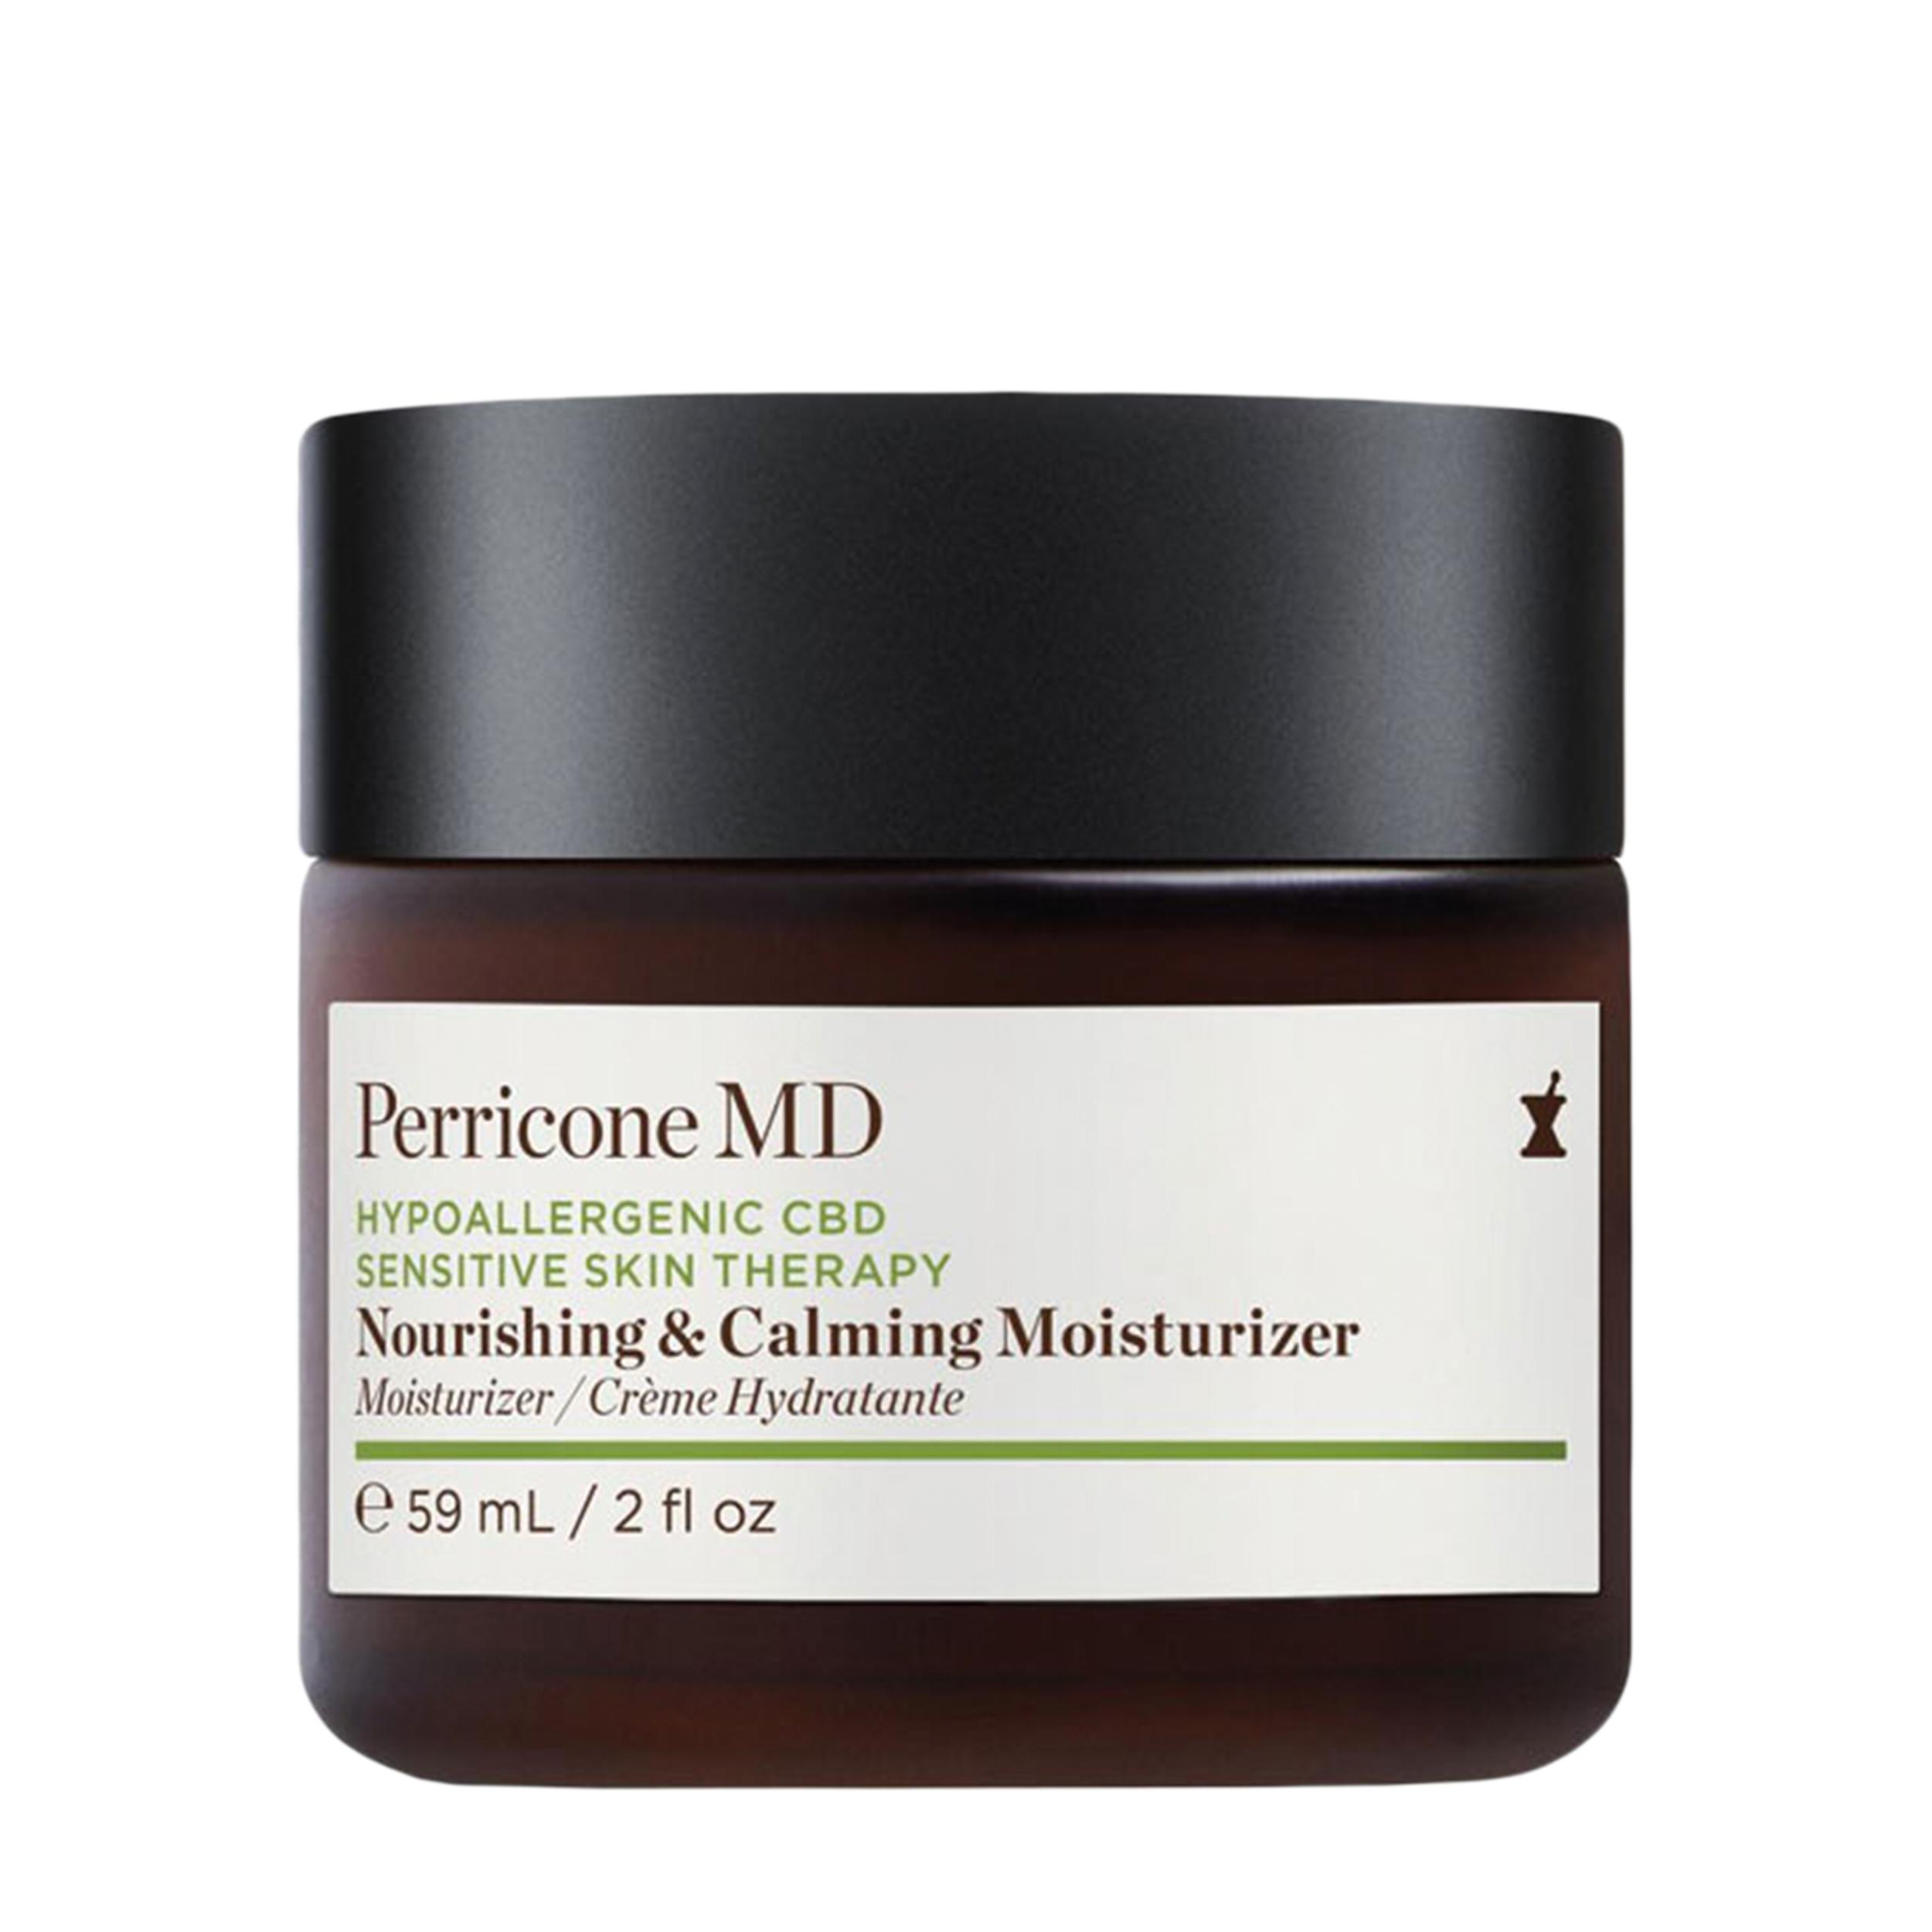 Perricone MD Гипоаллергенный питательный и увлажняющий крем 59 мл фото